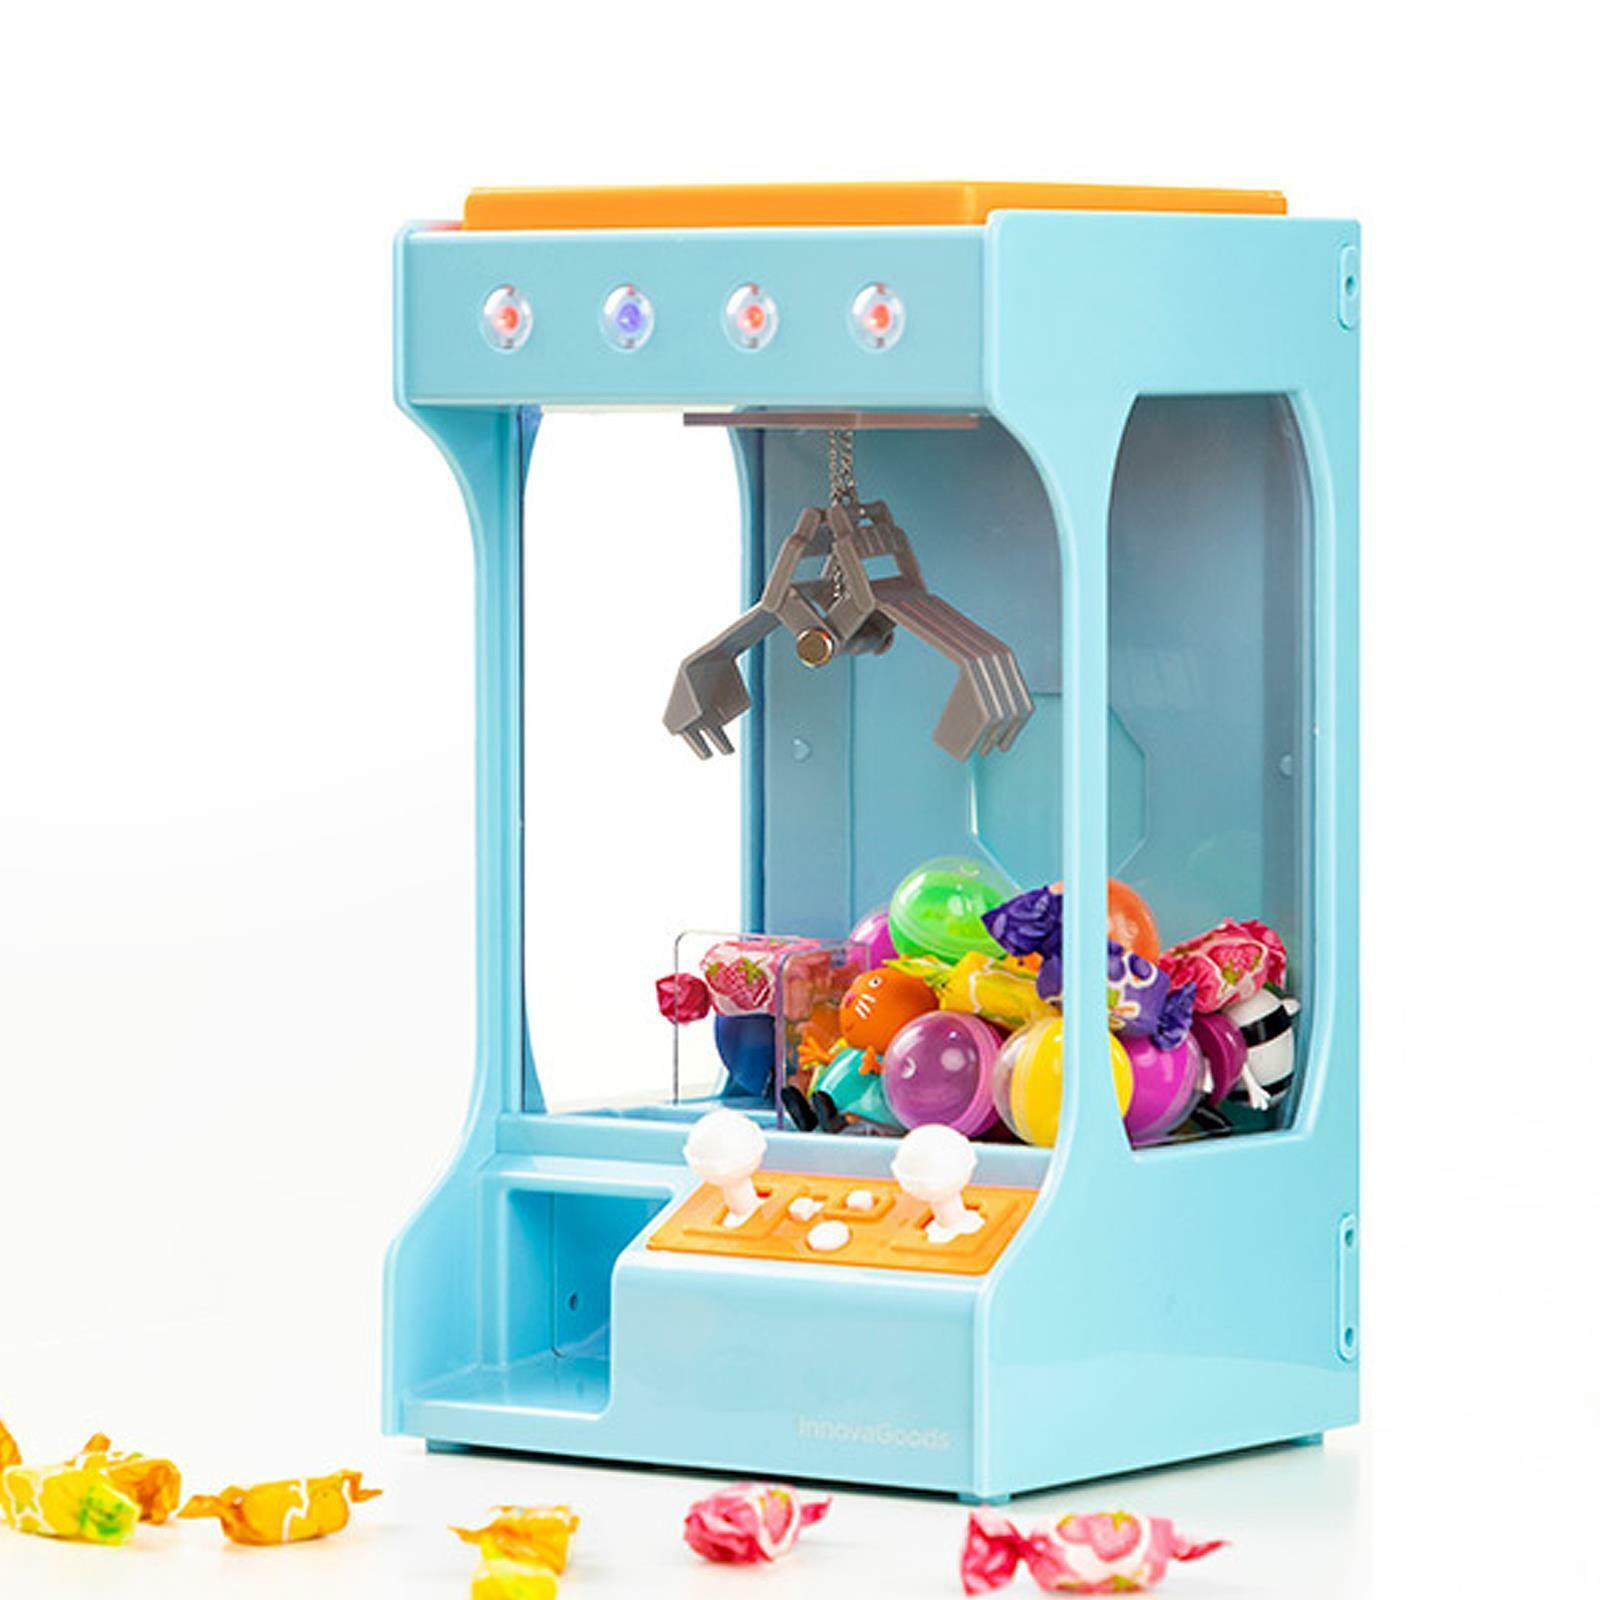 Arcade Candy Grabber Machine Toy Game Claw Crane Gadget Children Kids Fun Gift